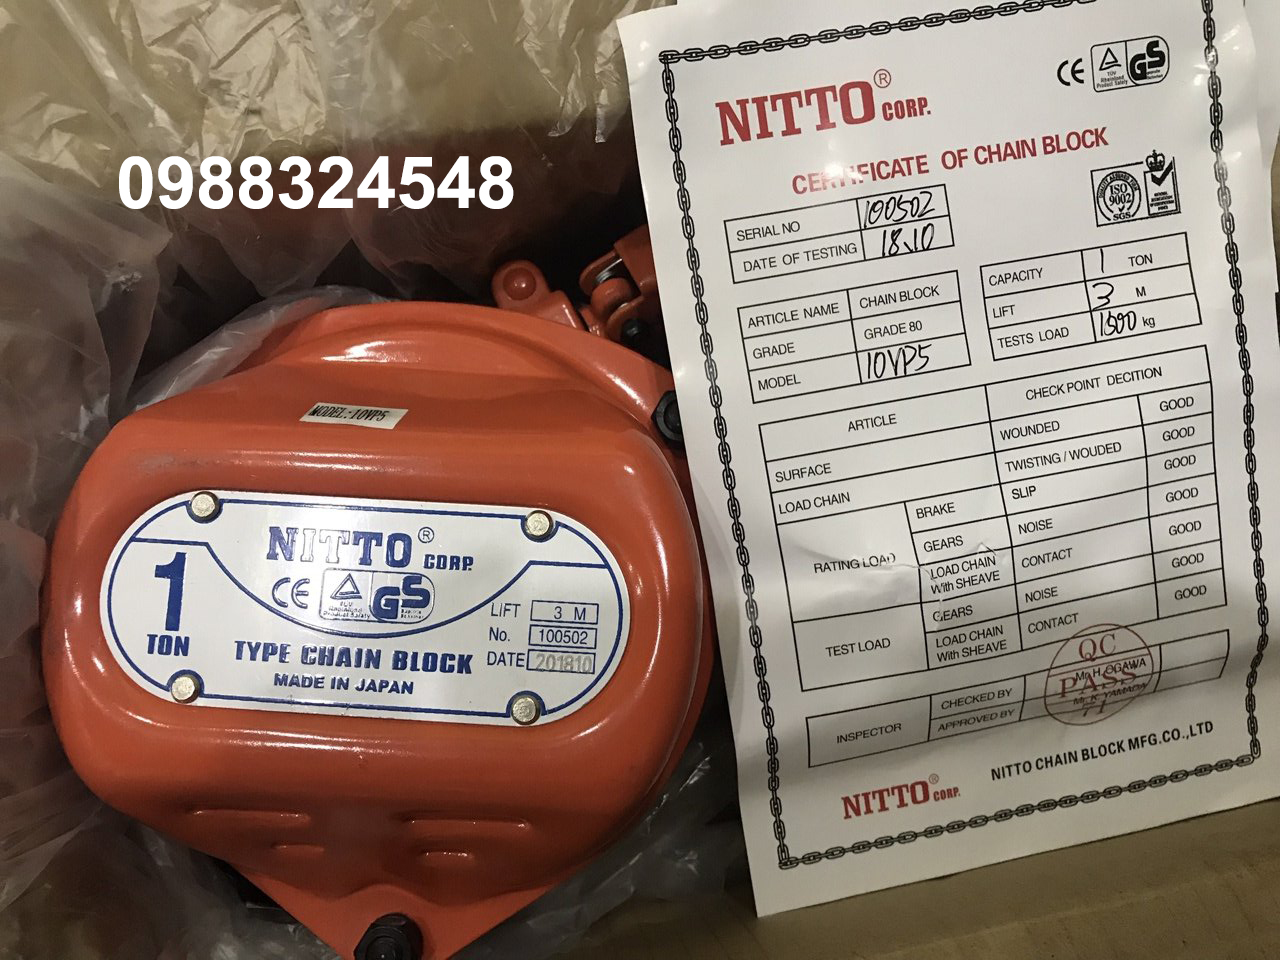 Pa lăng kéo tay nitto 10VP5 1 tấn